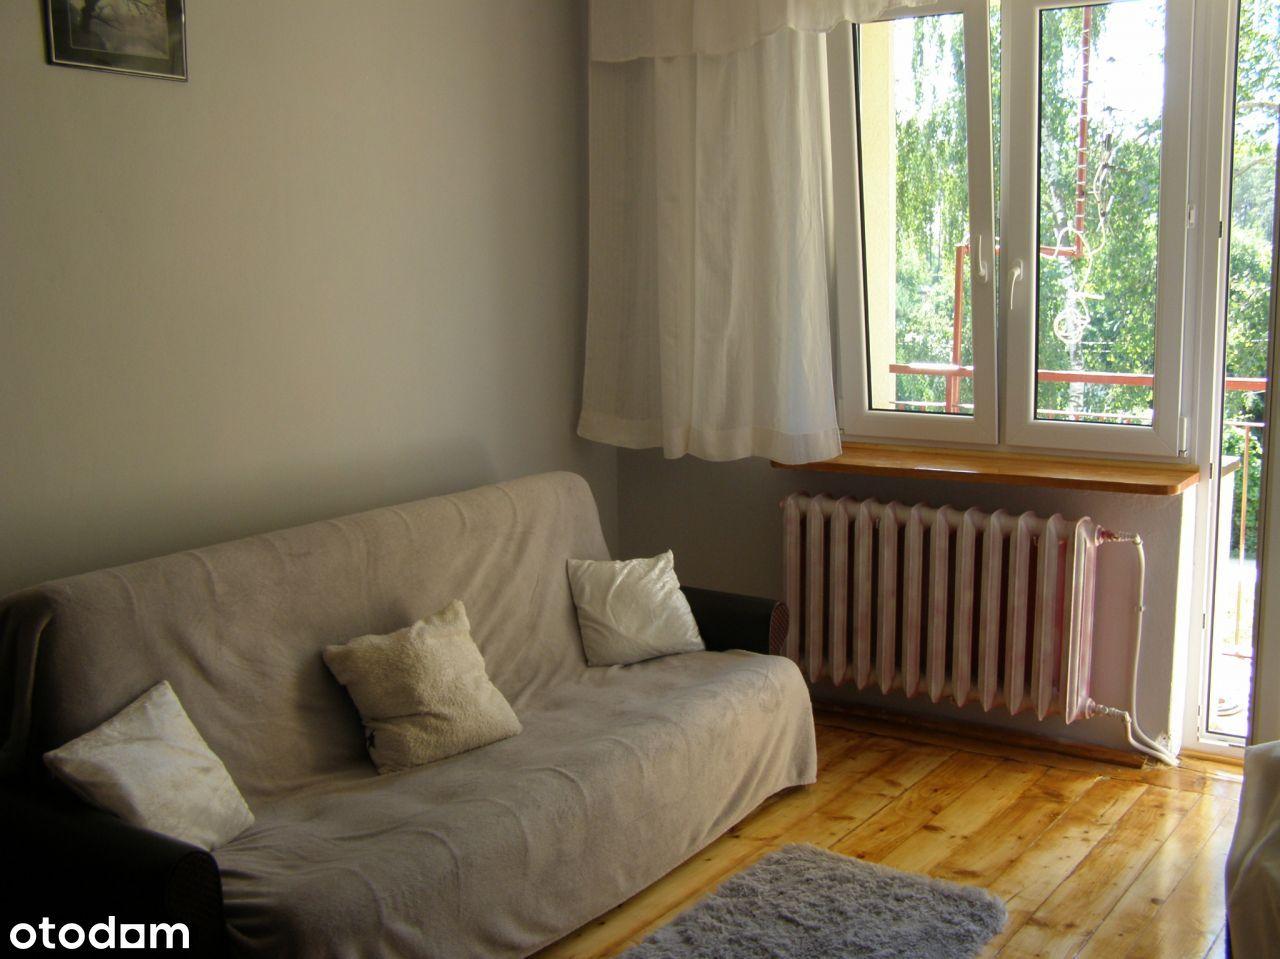 Mieszkanie do wynajęcia Mińsk Maz, Królewiec